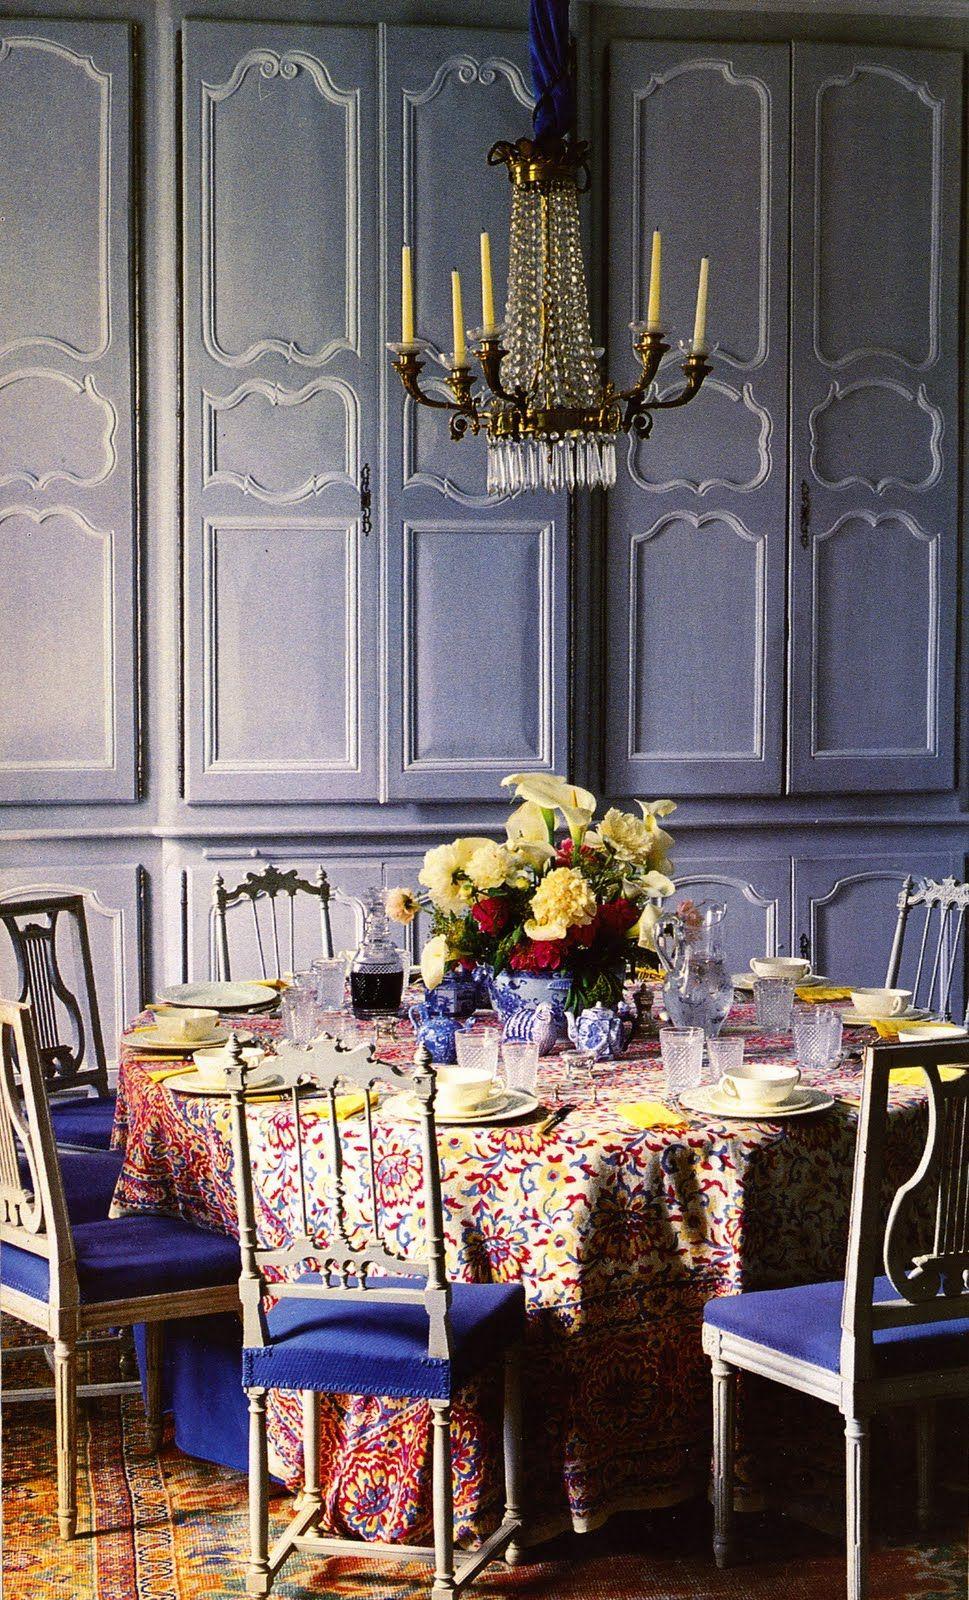 Epingle Sur Deco Table Buffet